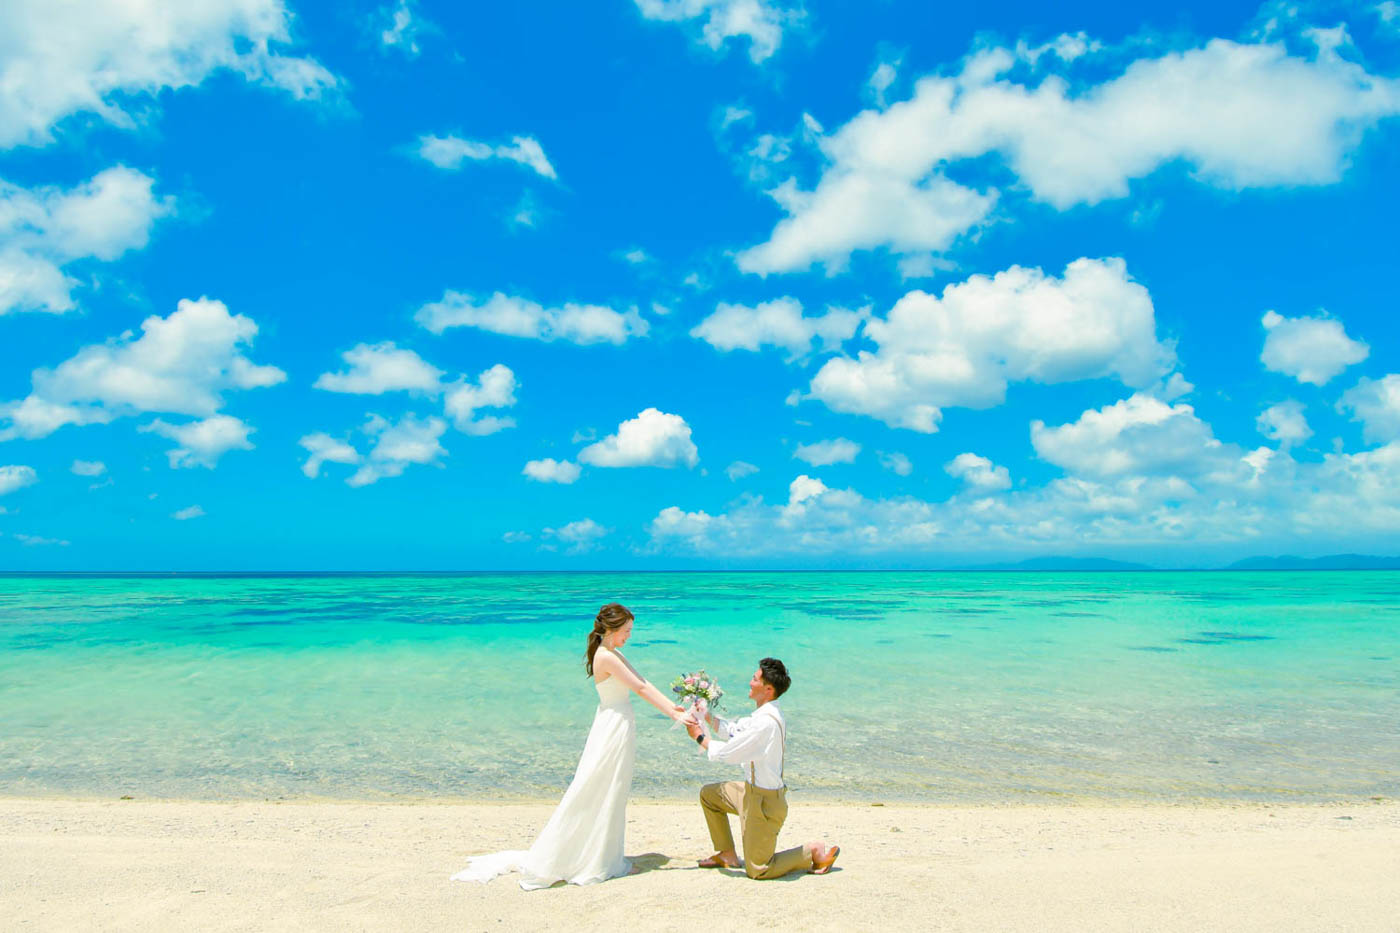 川平タバガービーチでプロポーズフォト